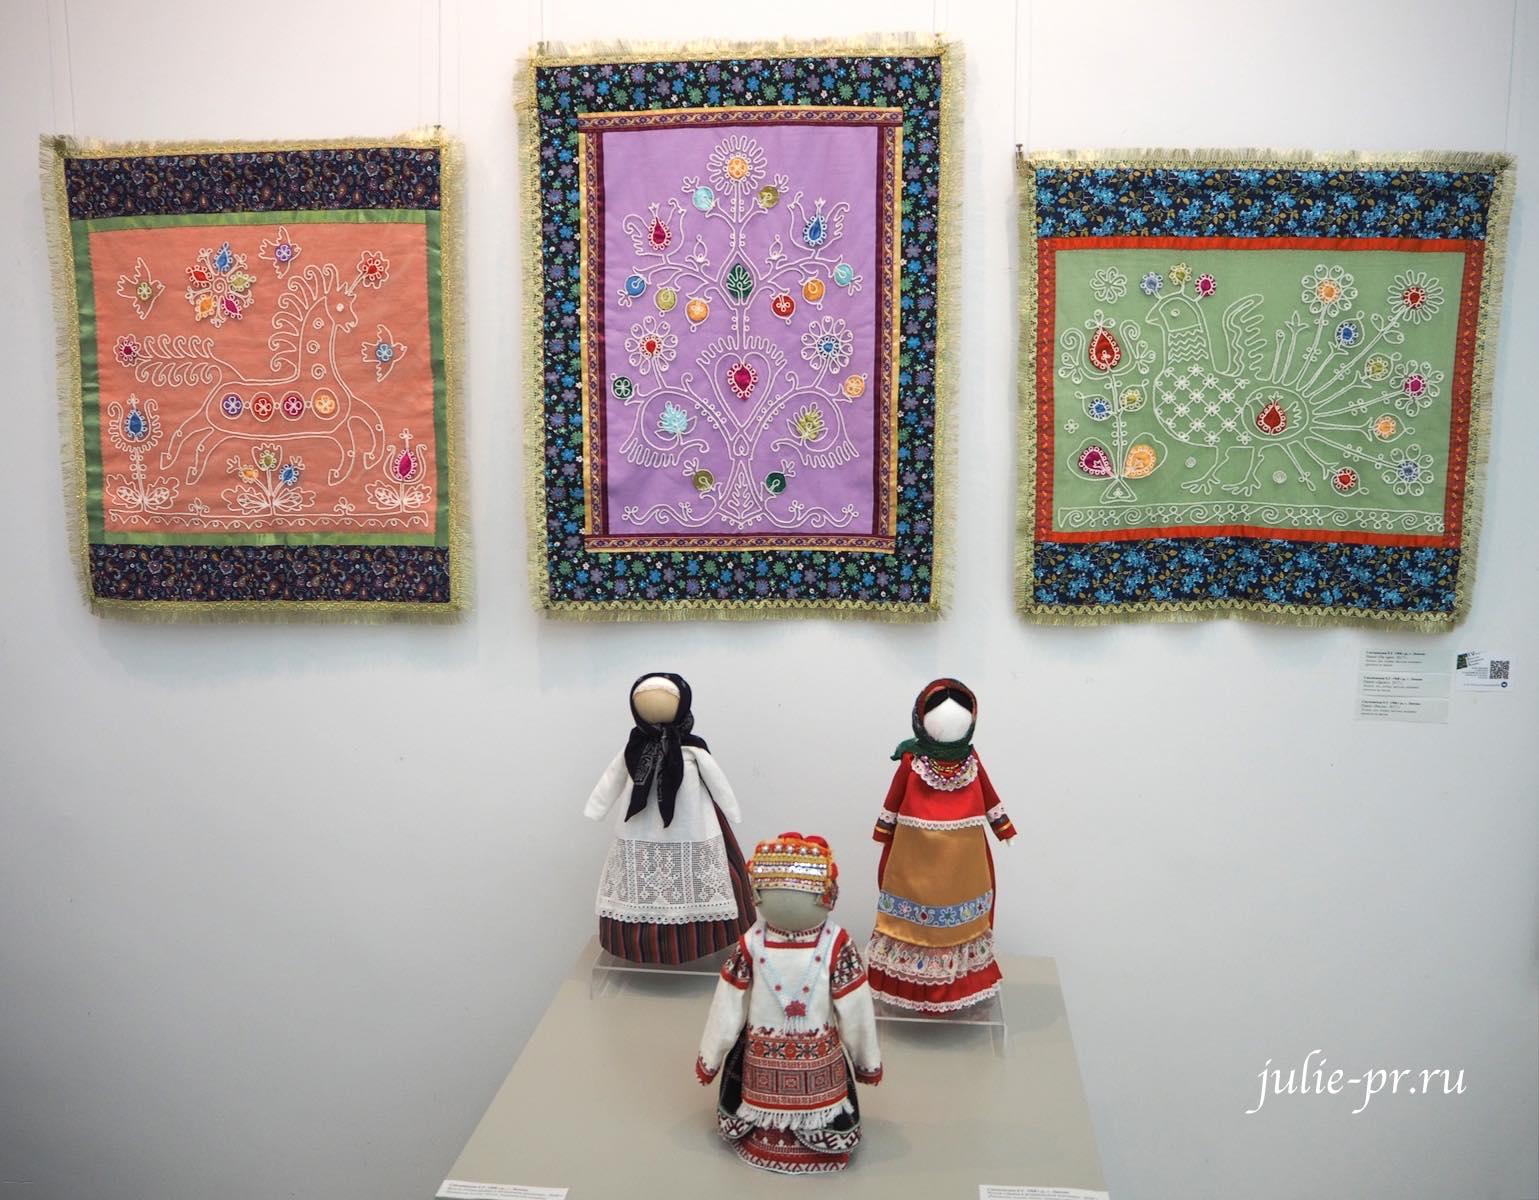 Всероссийская выставка вышивки, вышивка, Куклы в традиционных костюмах